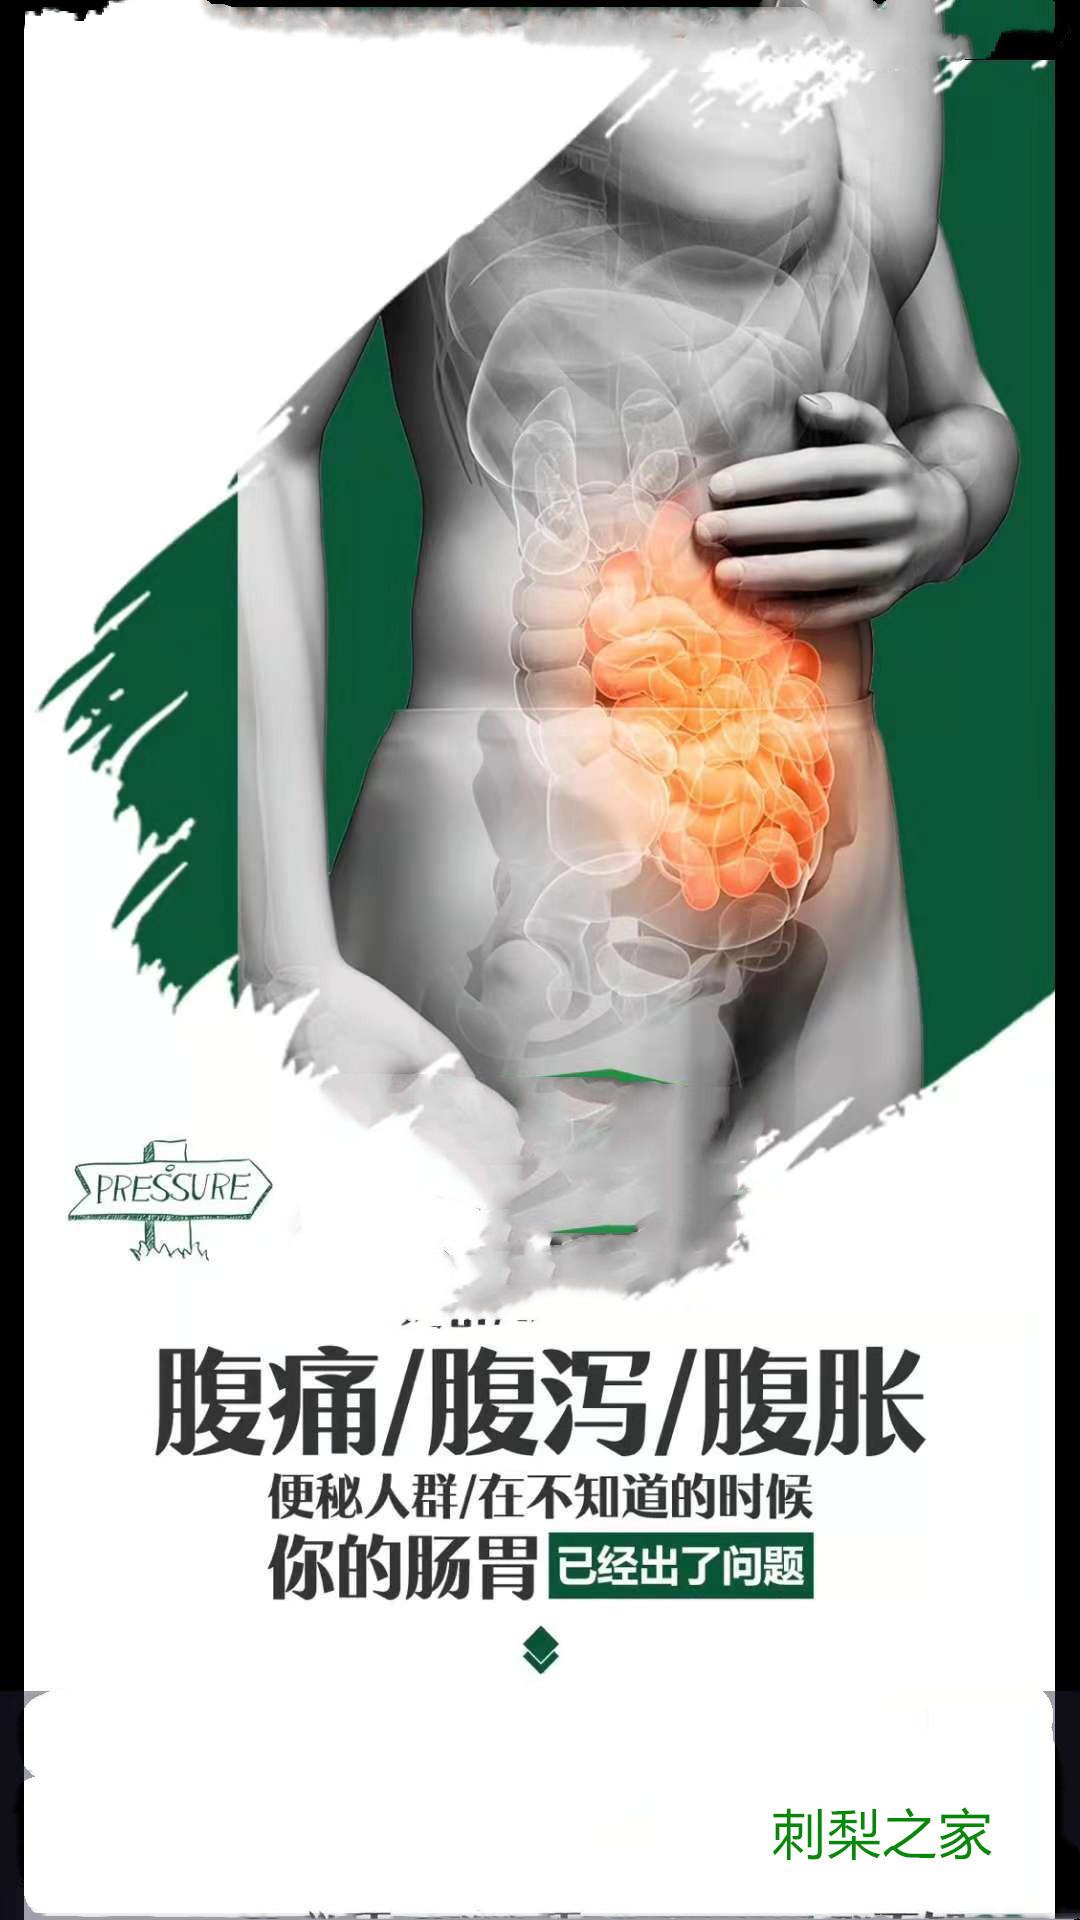 刺梨可以治疗慢性肠胃炎吗?肠胃炎的天敌是竟然是它